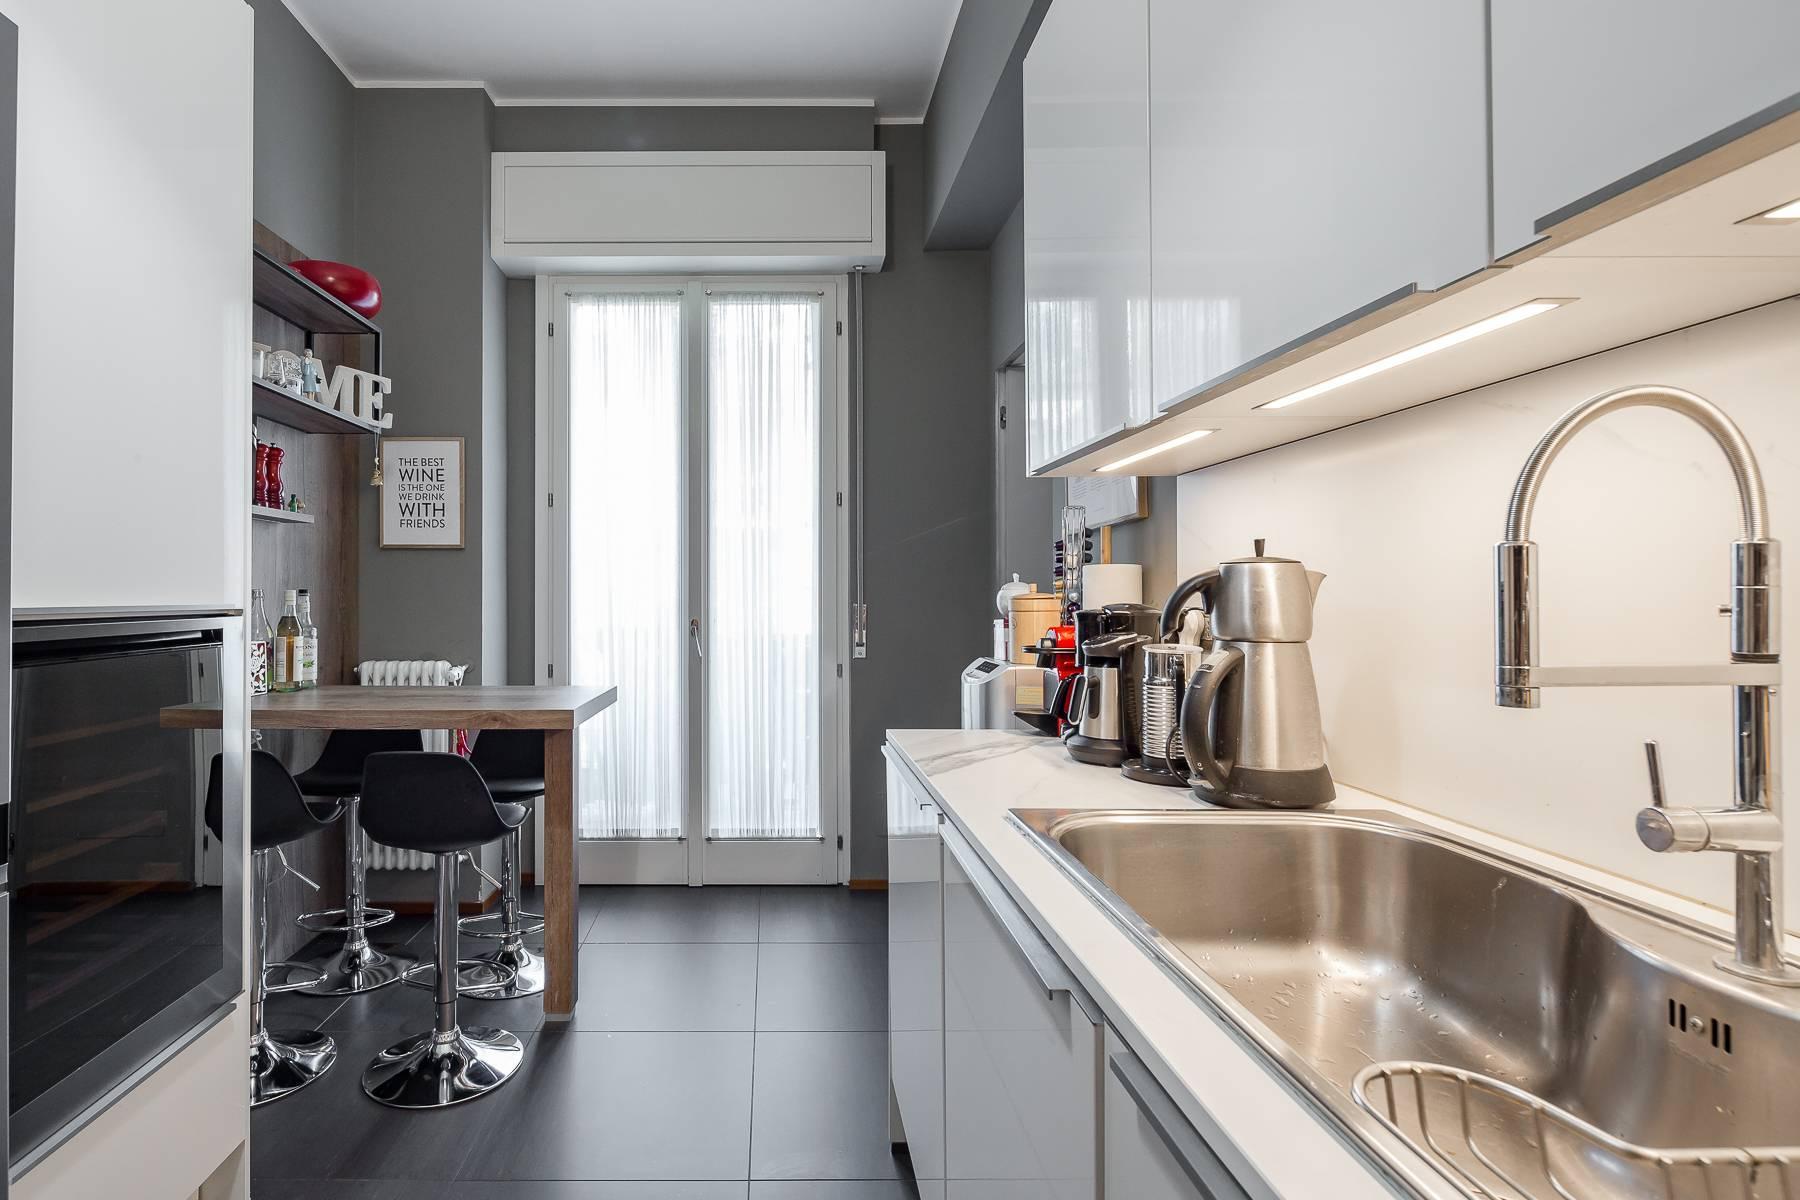 Renovierte Wohnung im Stadtviertel Ticinese/Darsena - 7